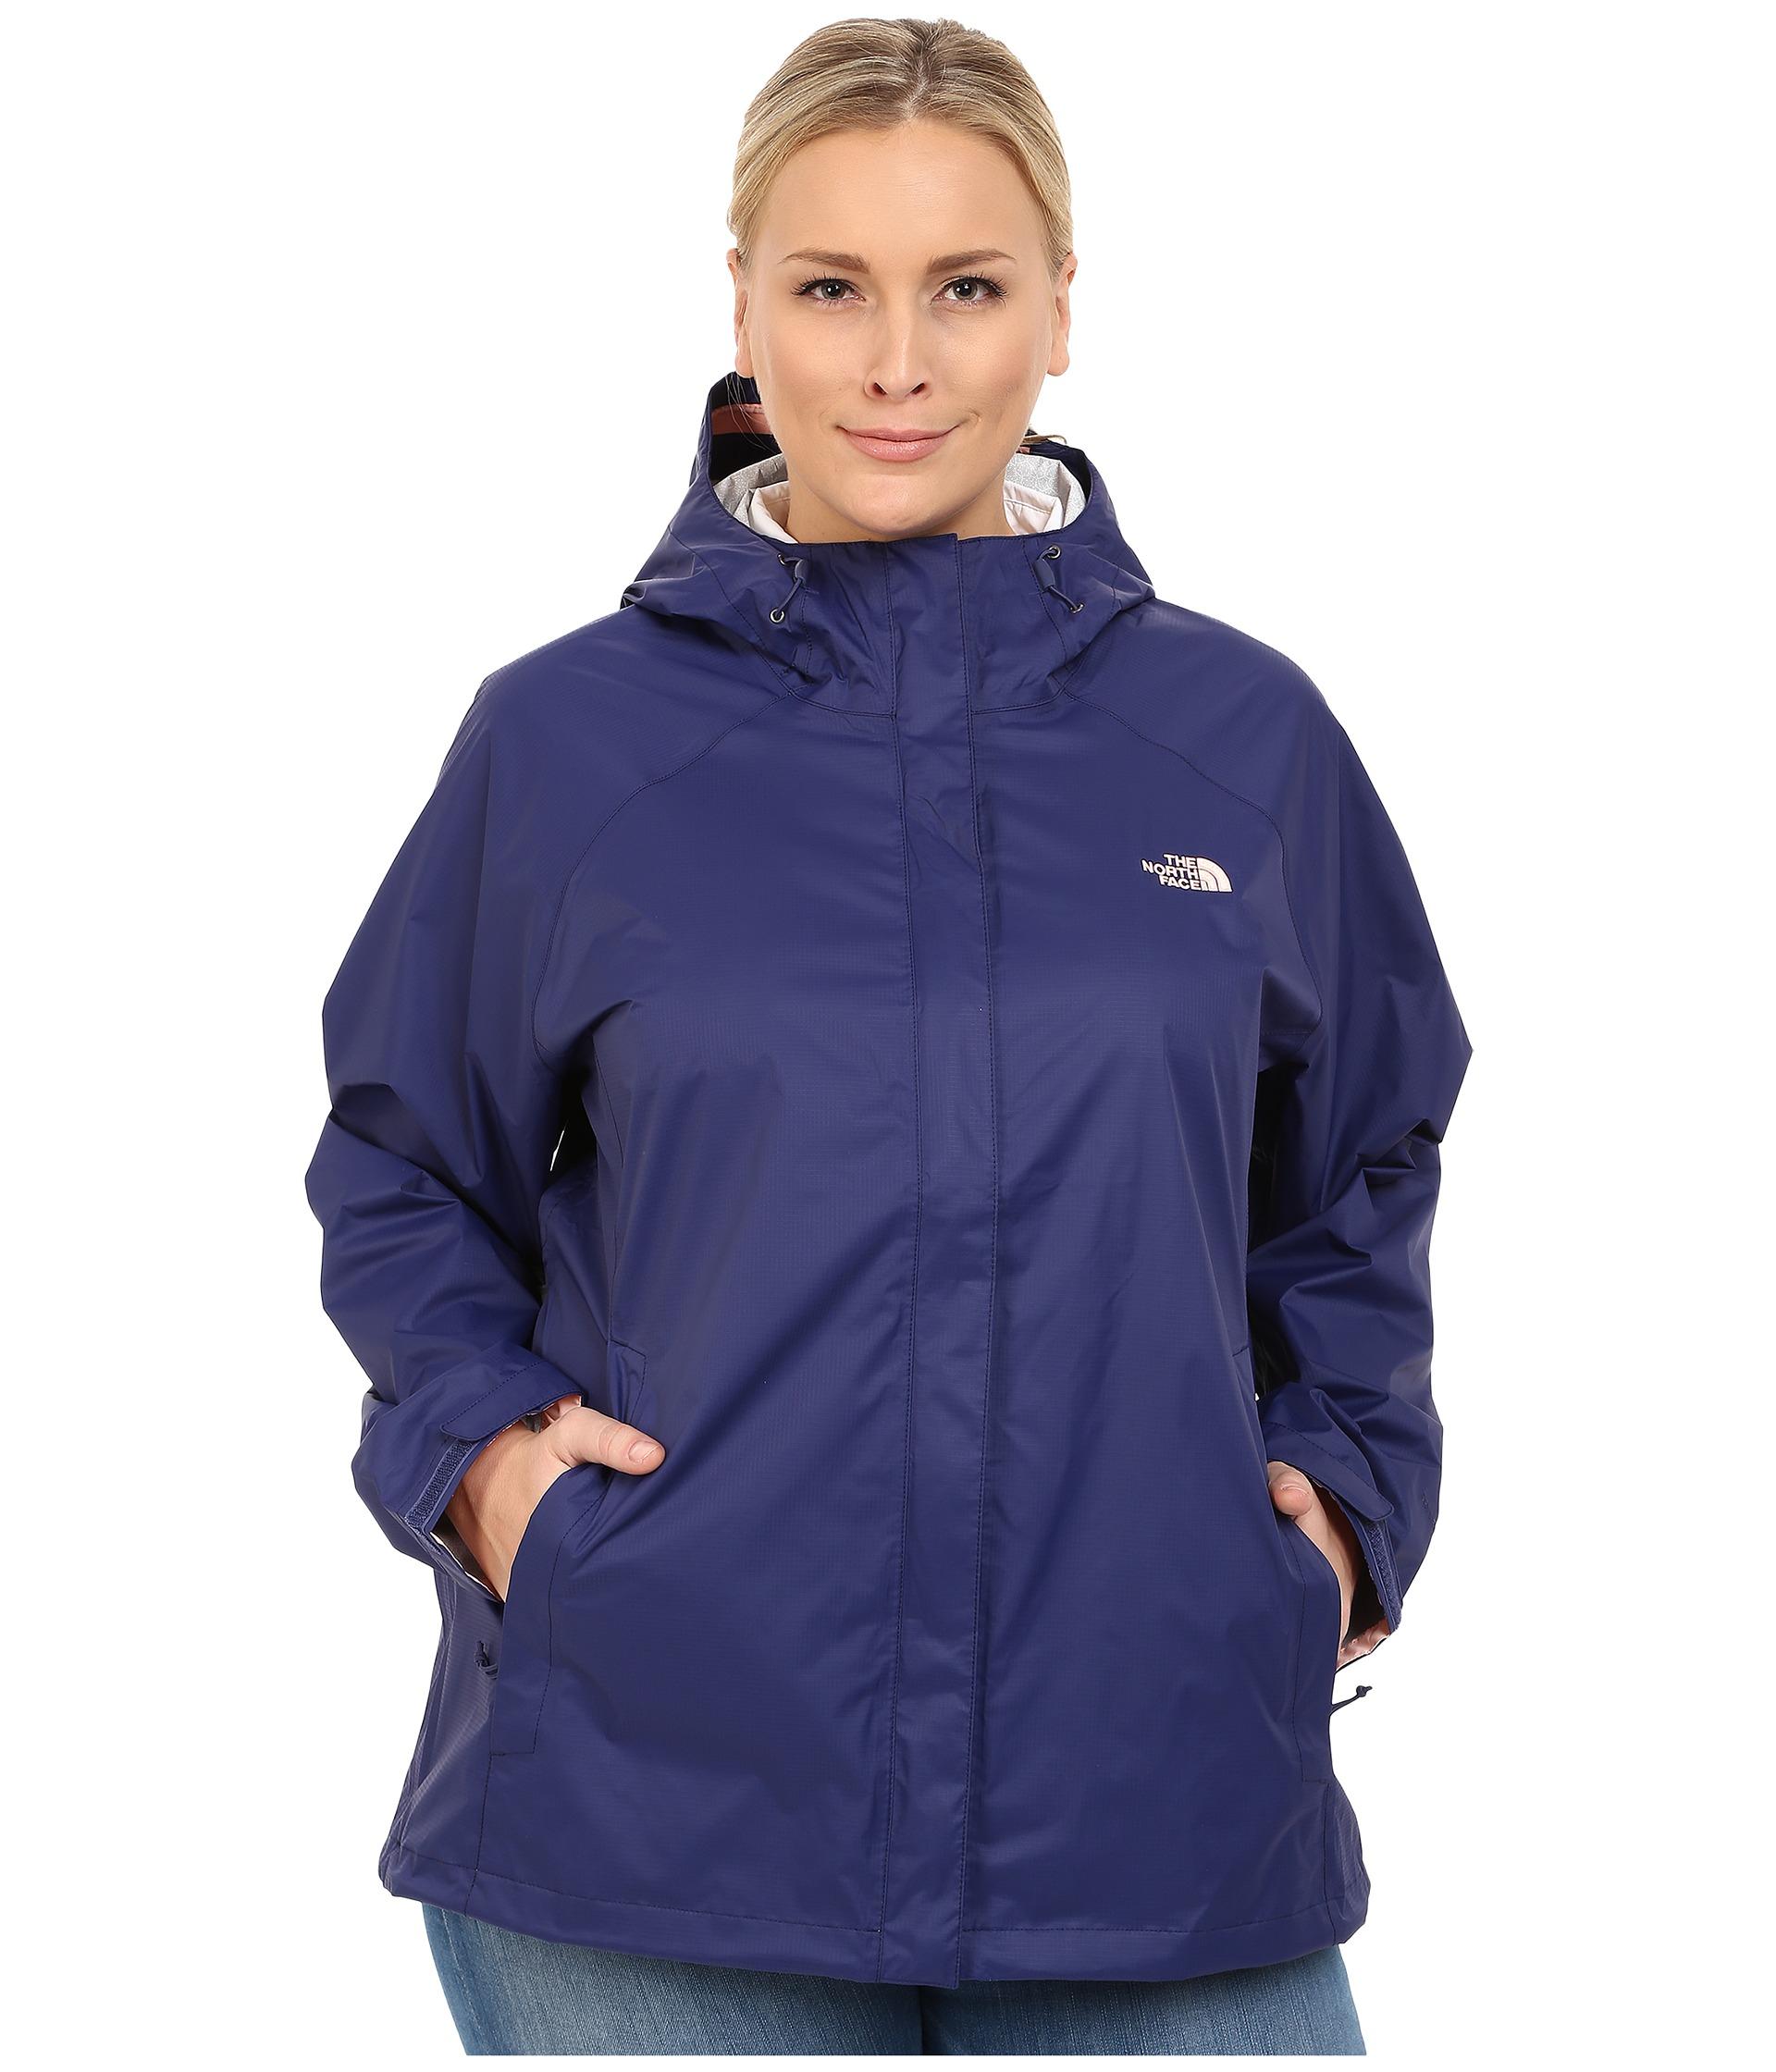 2bc29a42d purchase north face womens venture jacket patriot blue de614 a6c88